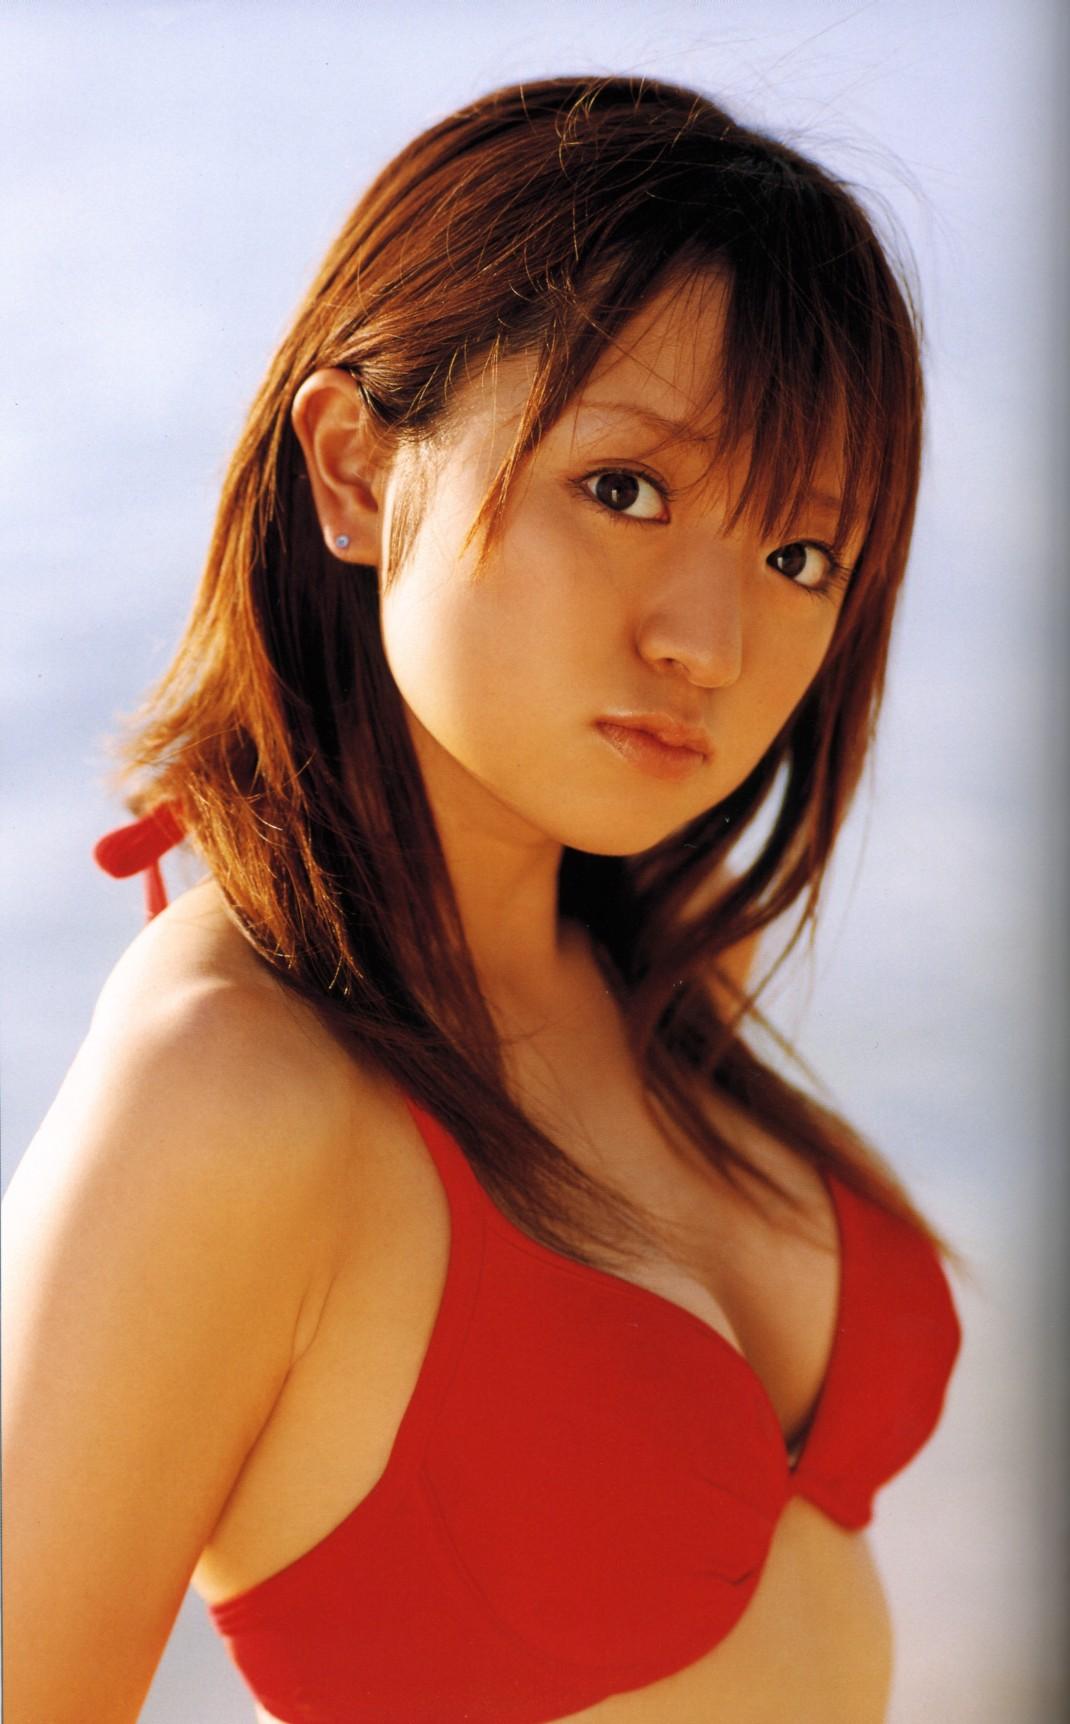 nozomi kurahashi naked